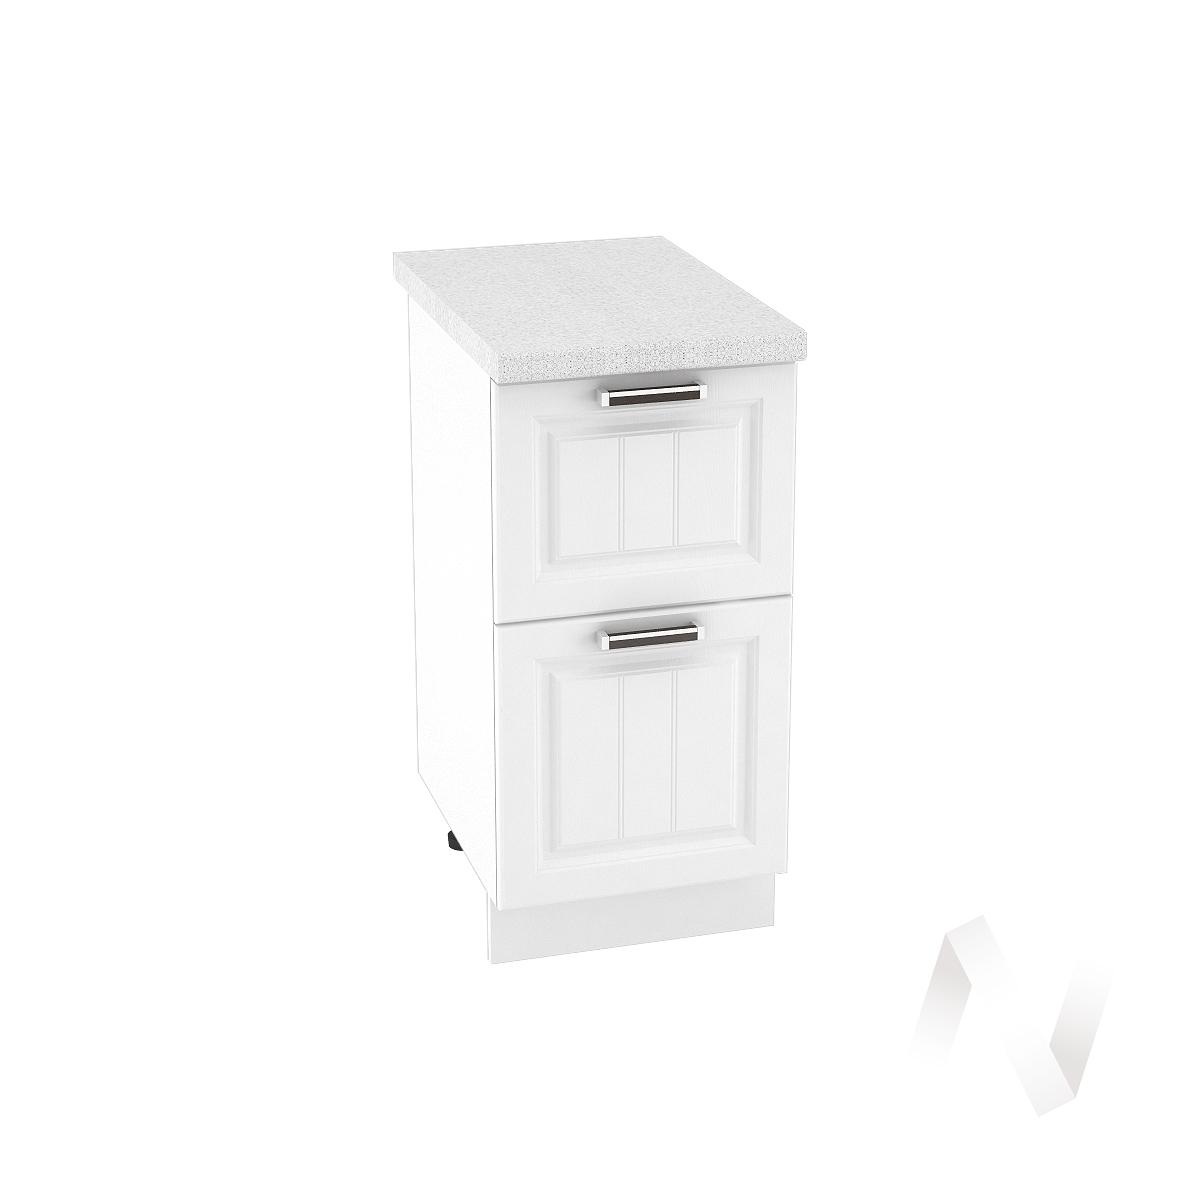 """Кухня """"Прага"""": Шкаф нижний с 2-мя ящиками 400, ШН2Я 400 (белое дерево/корпус белый)"""